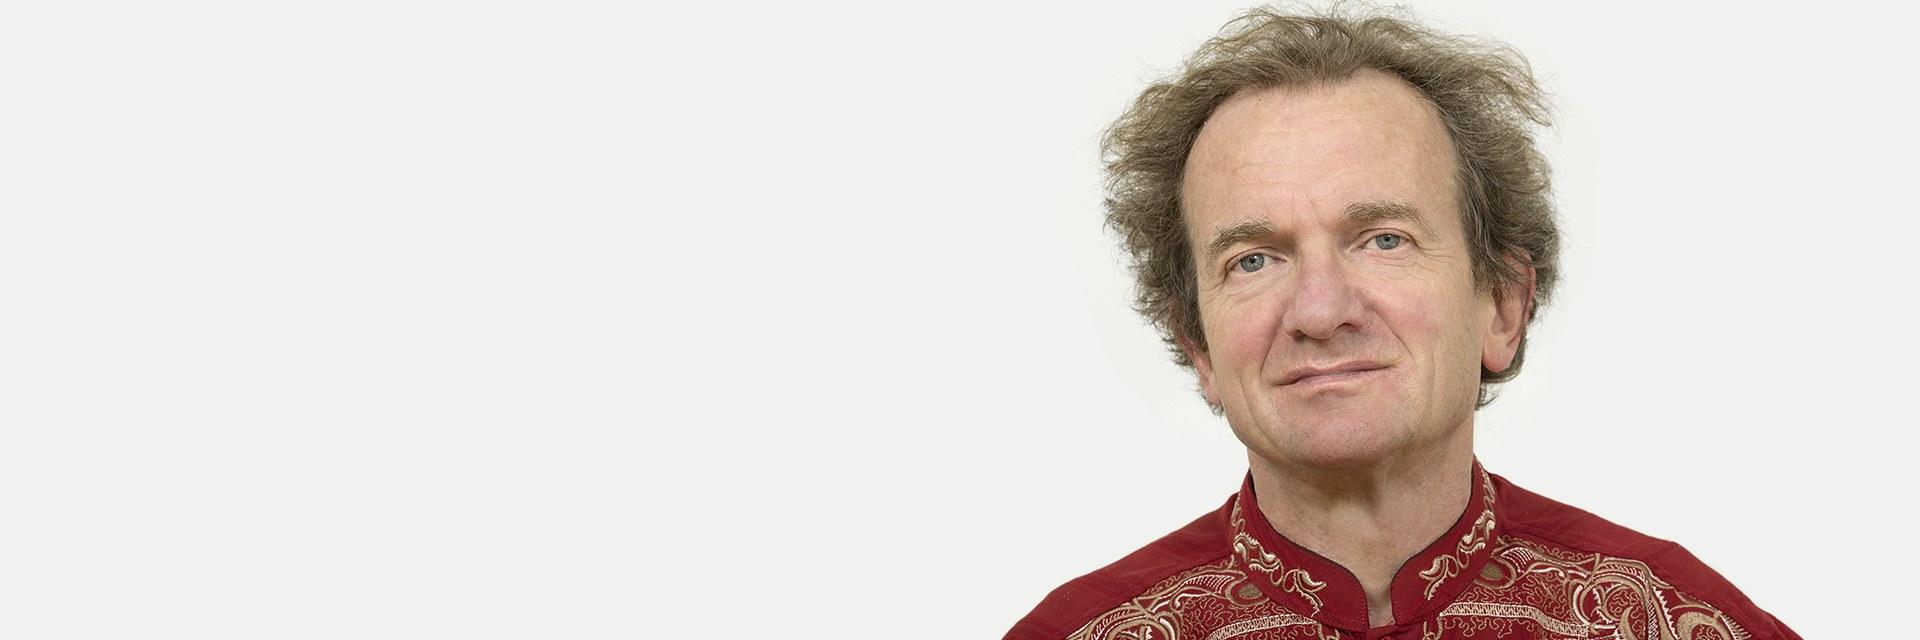 Prof. Jürg Henneberger